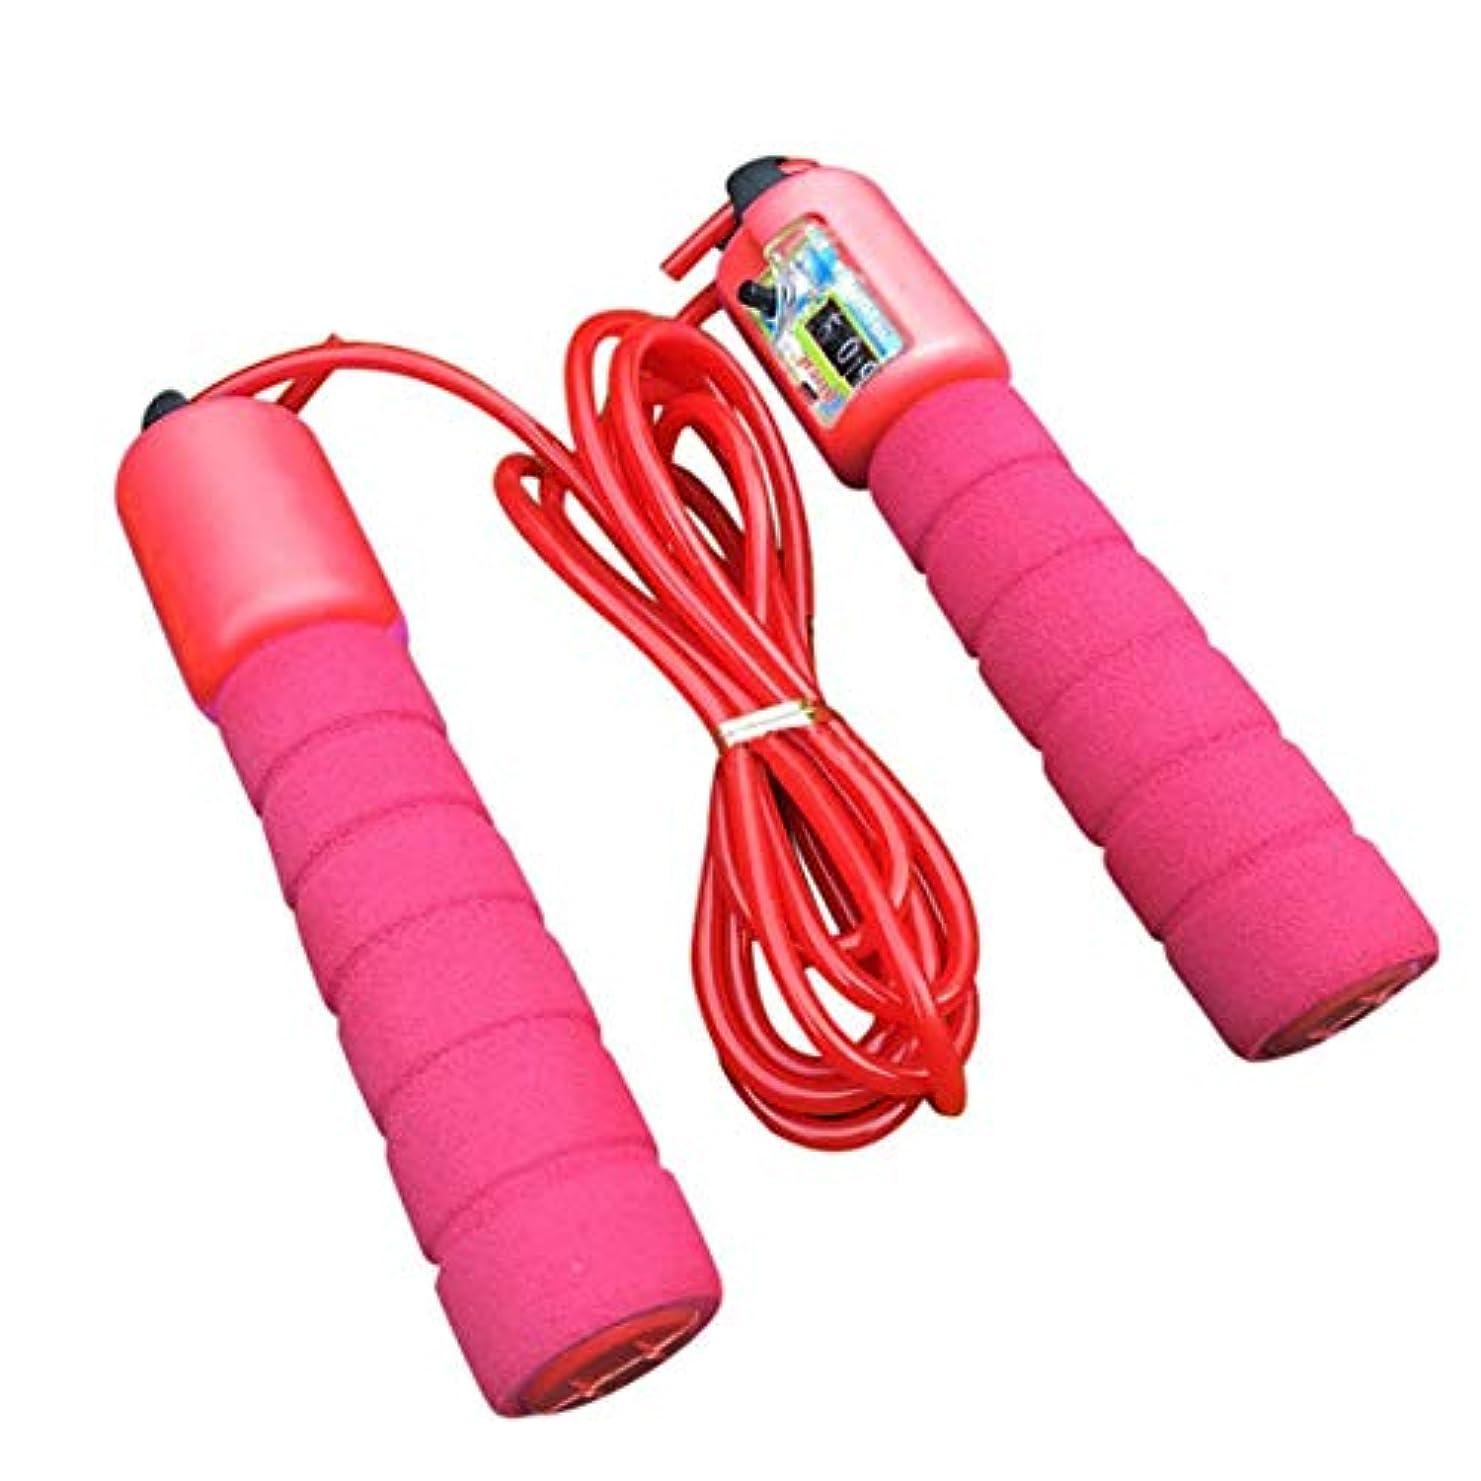 爪こどもの日発表調整可能なプロフェッショナルカウント縄跳び自動カウントジャンプロープフィットネス運動高速カウントジャンプロープ - 赤